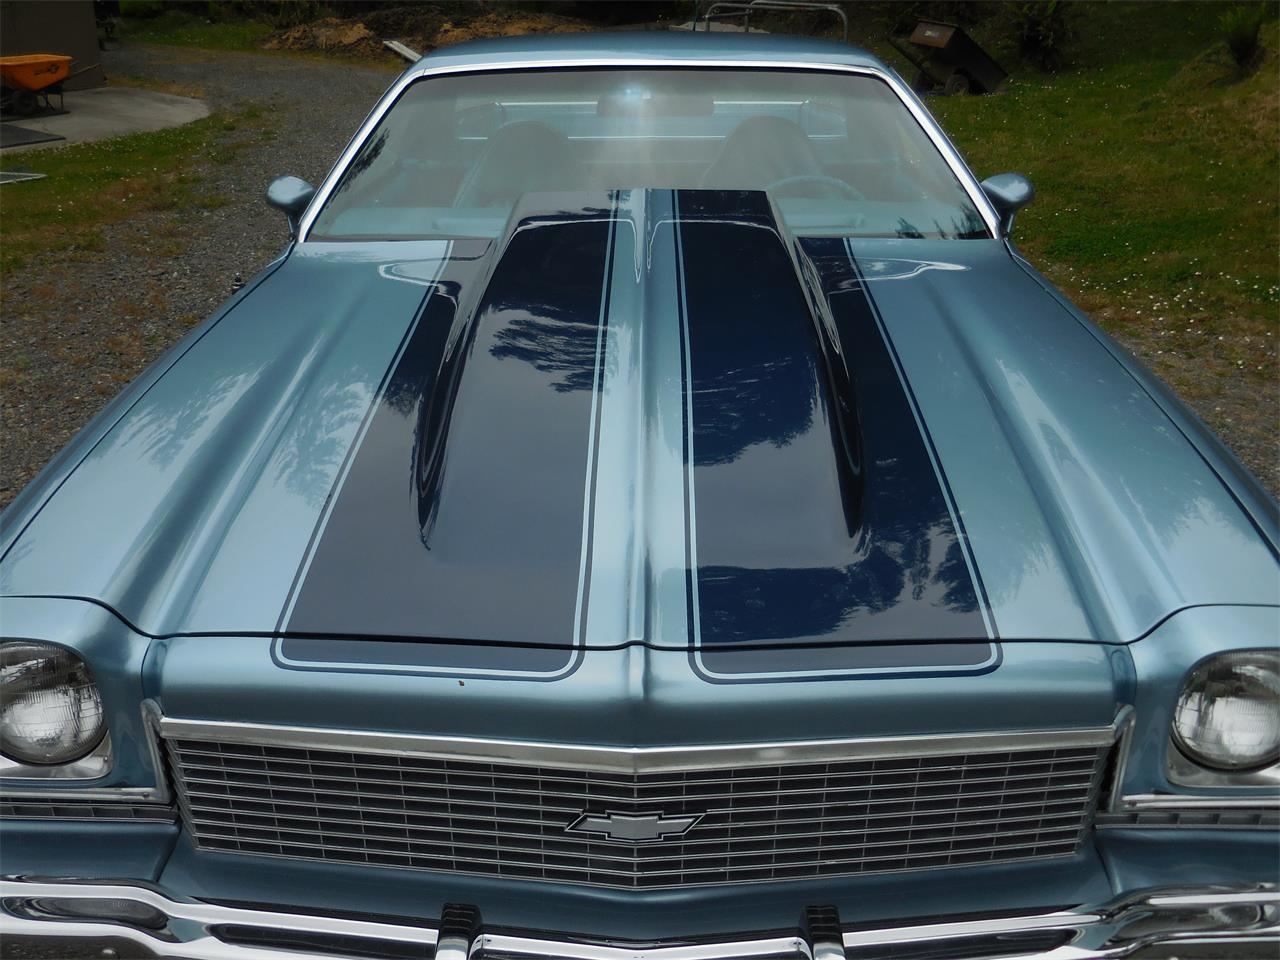 1973 Chevrolet El Camino (CC-1101439) for sale in Anderson, California